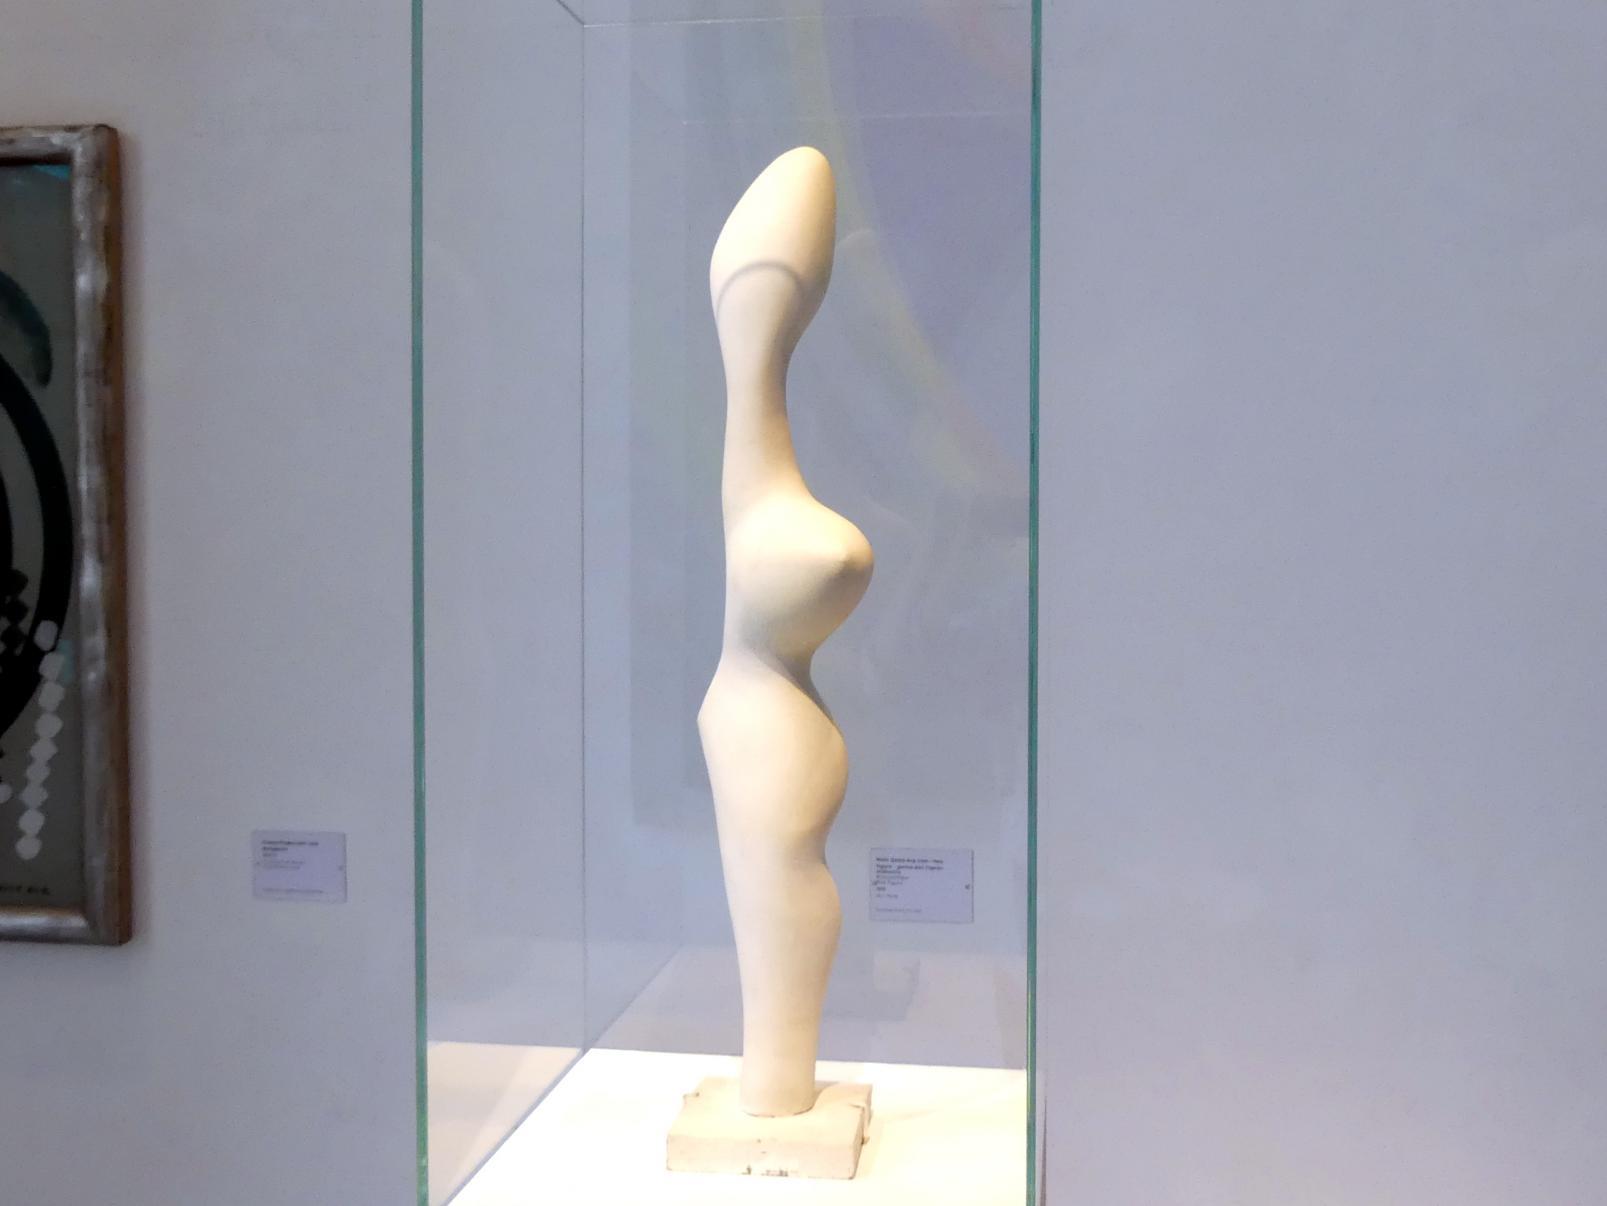 Hans (Jean) Arp: Knospenfigur, 1959